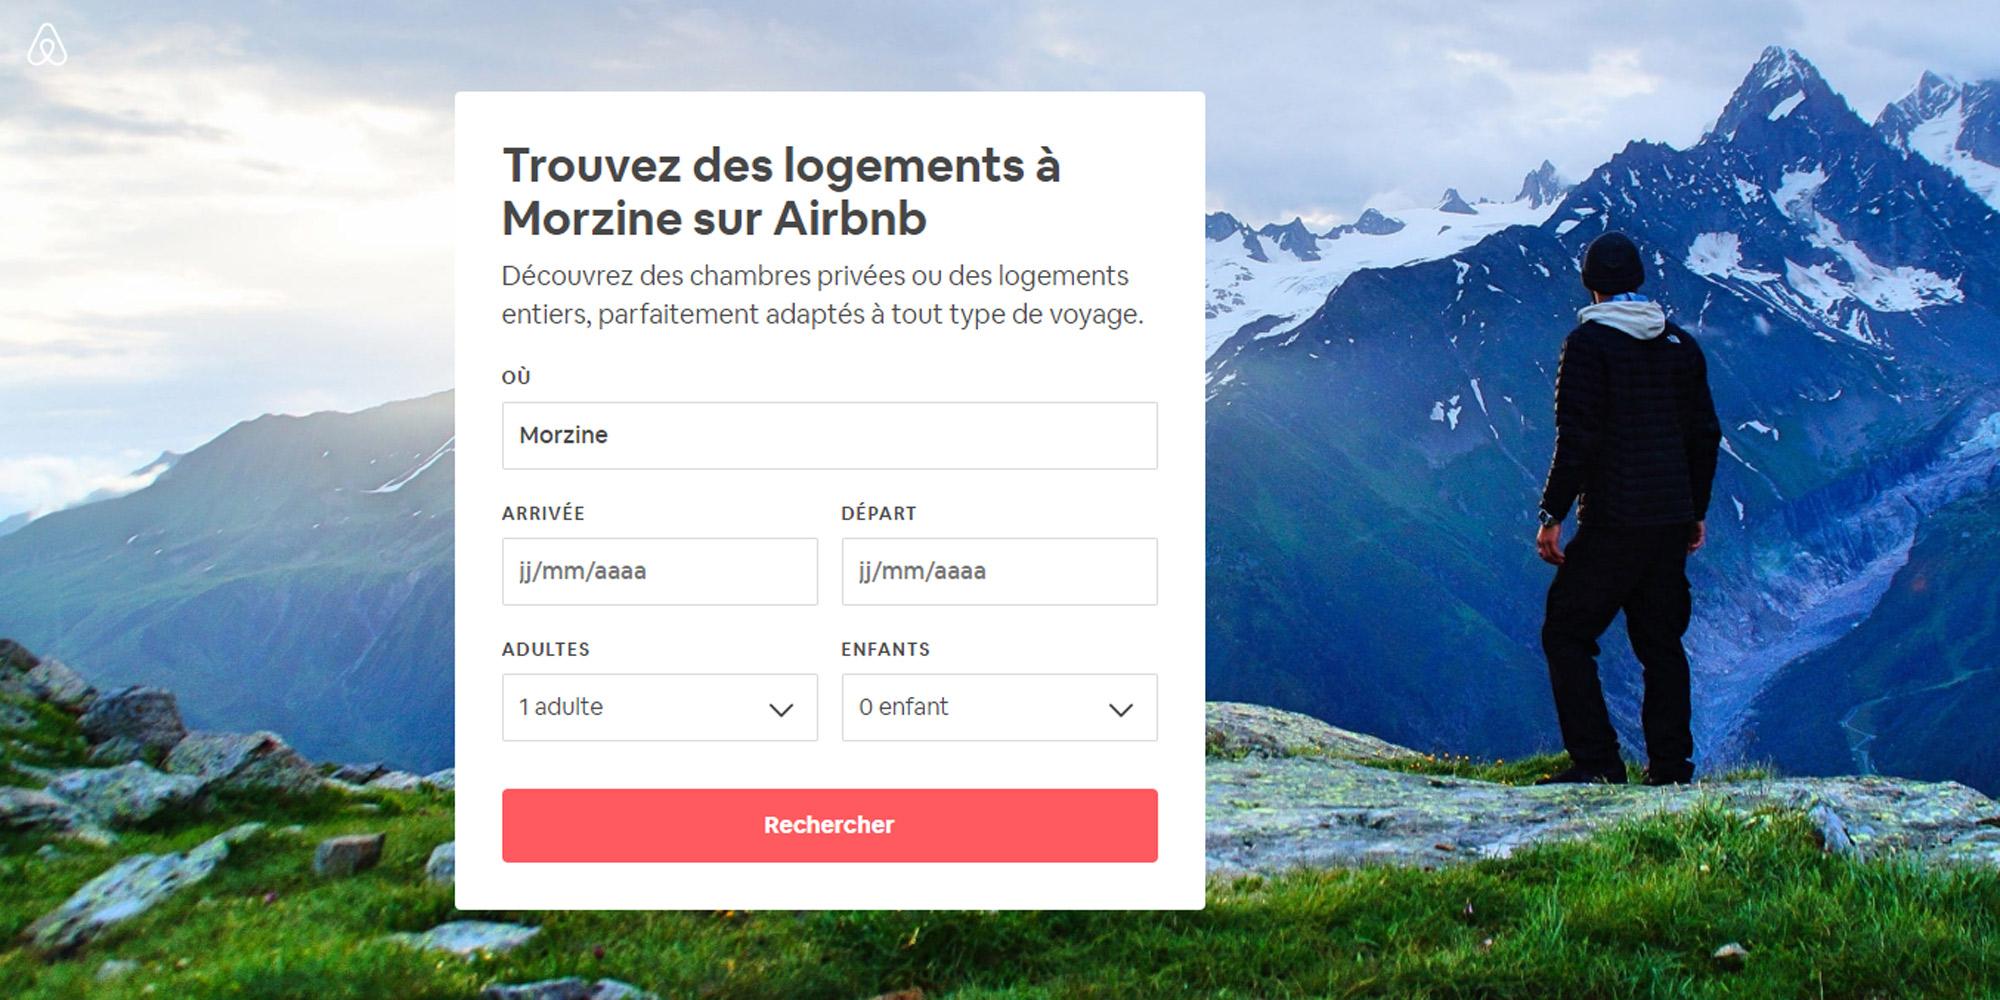 airbnb, premier hôtelier dans les villages français